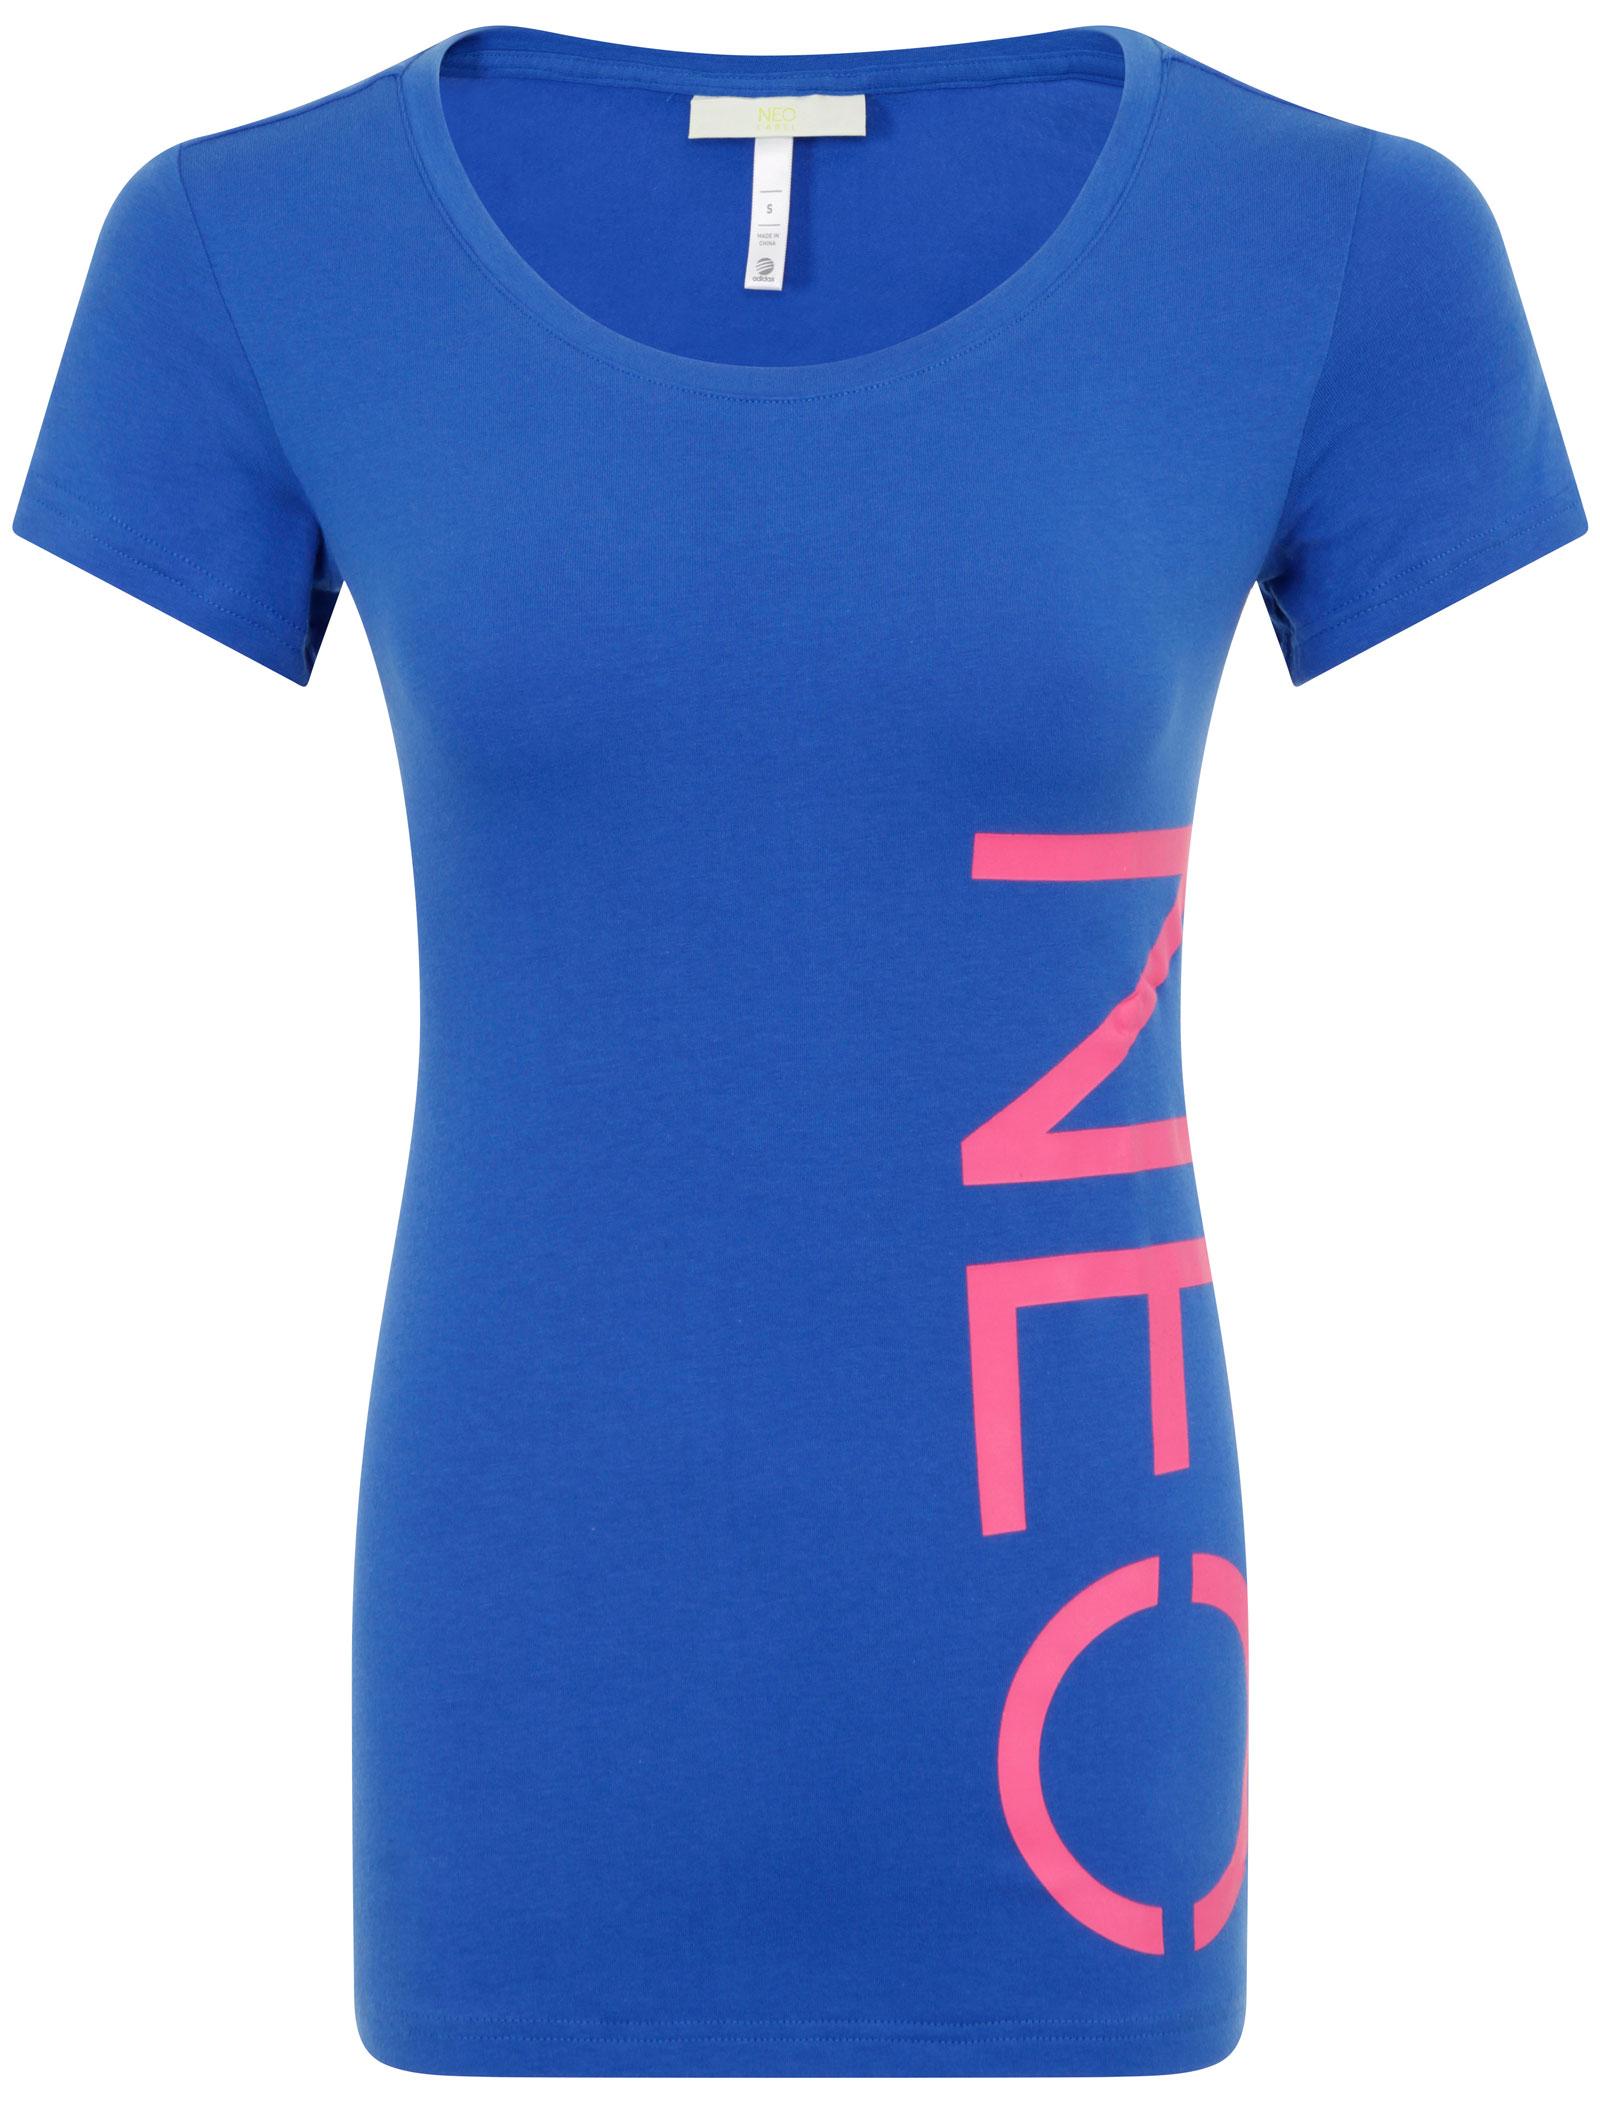 Neues adidas Womens Neo L T T-Shirt ALLE GRÖSSEN